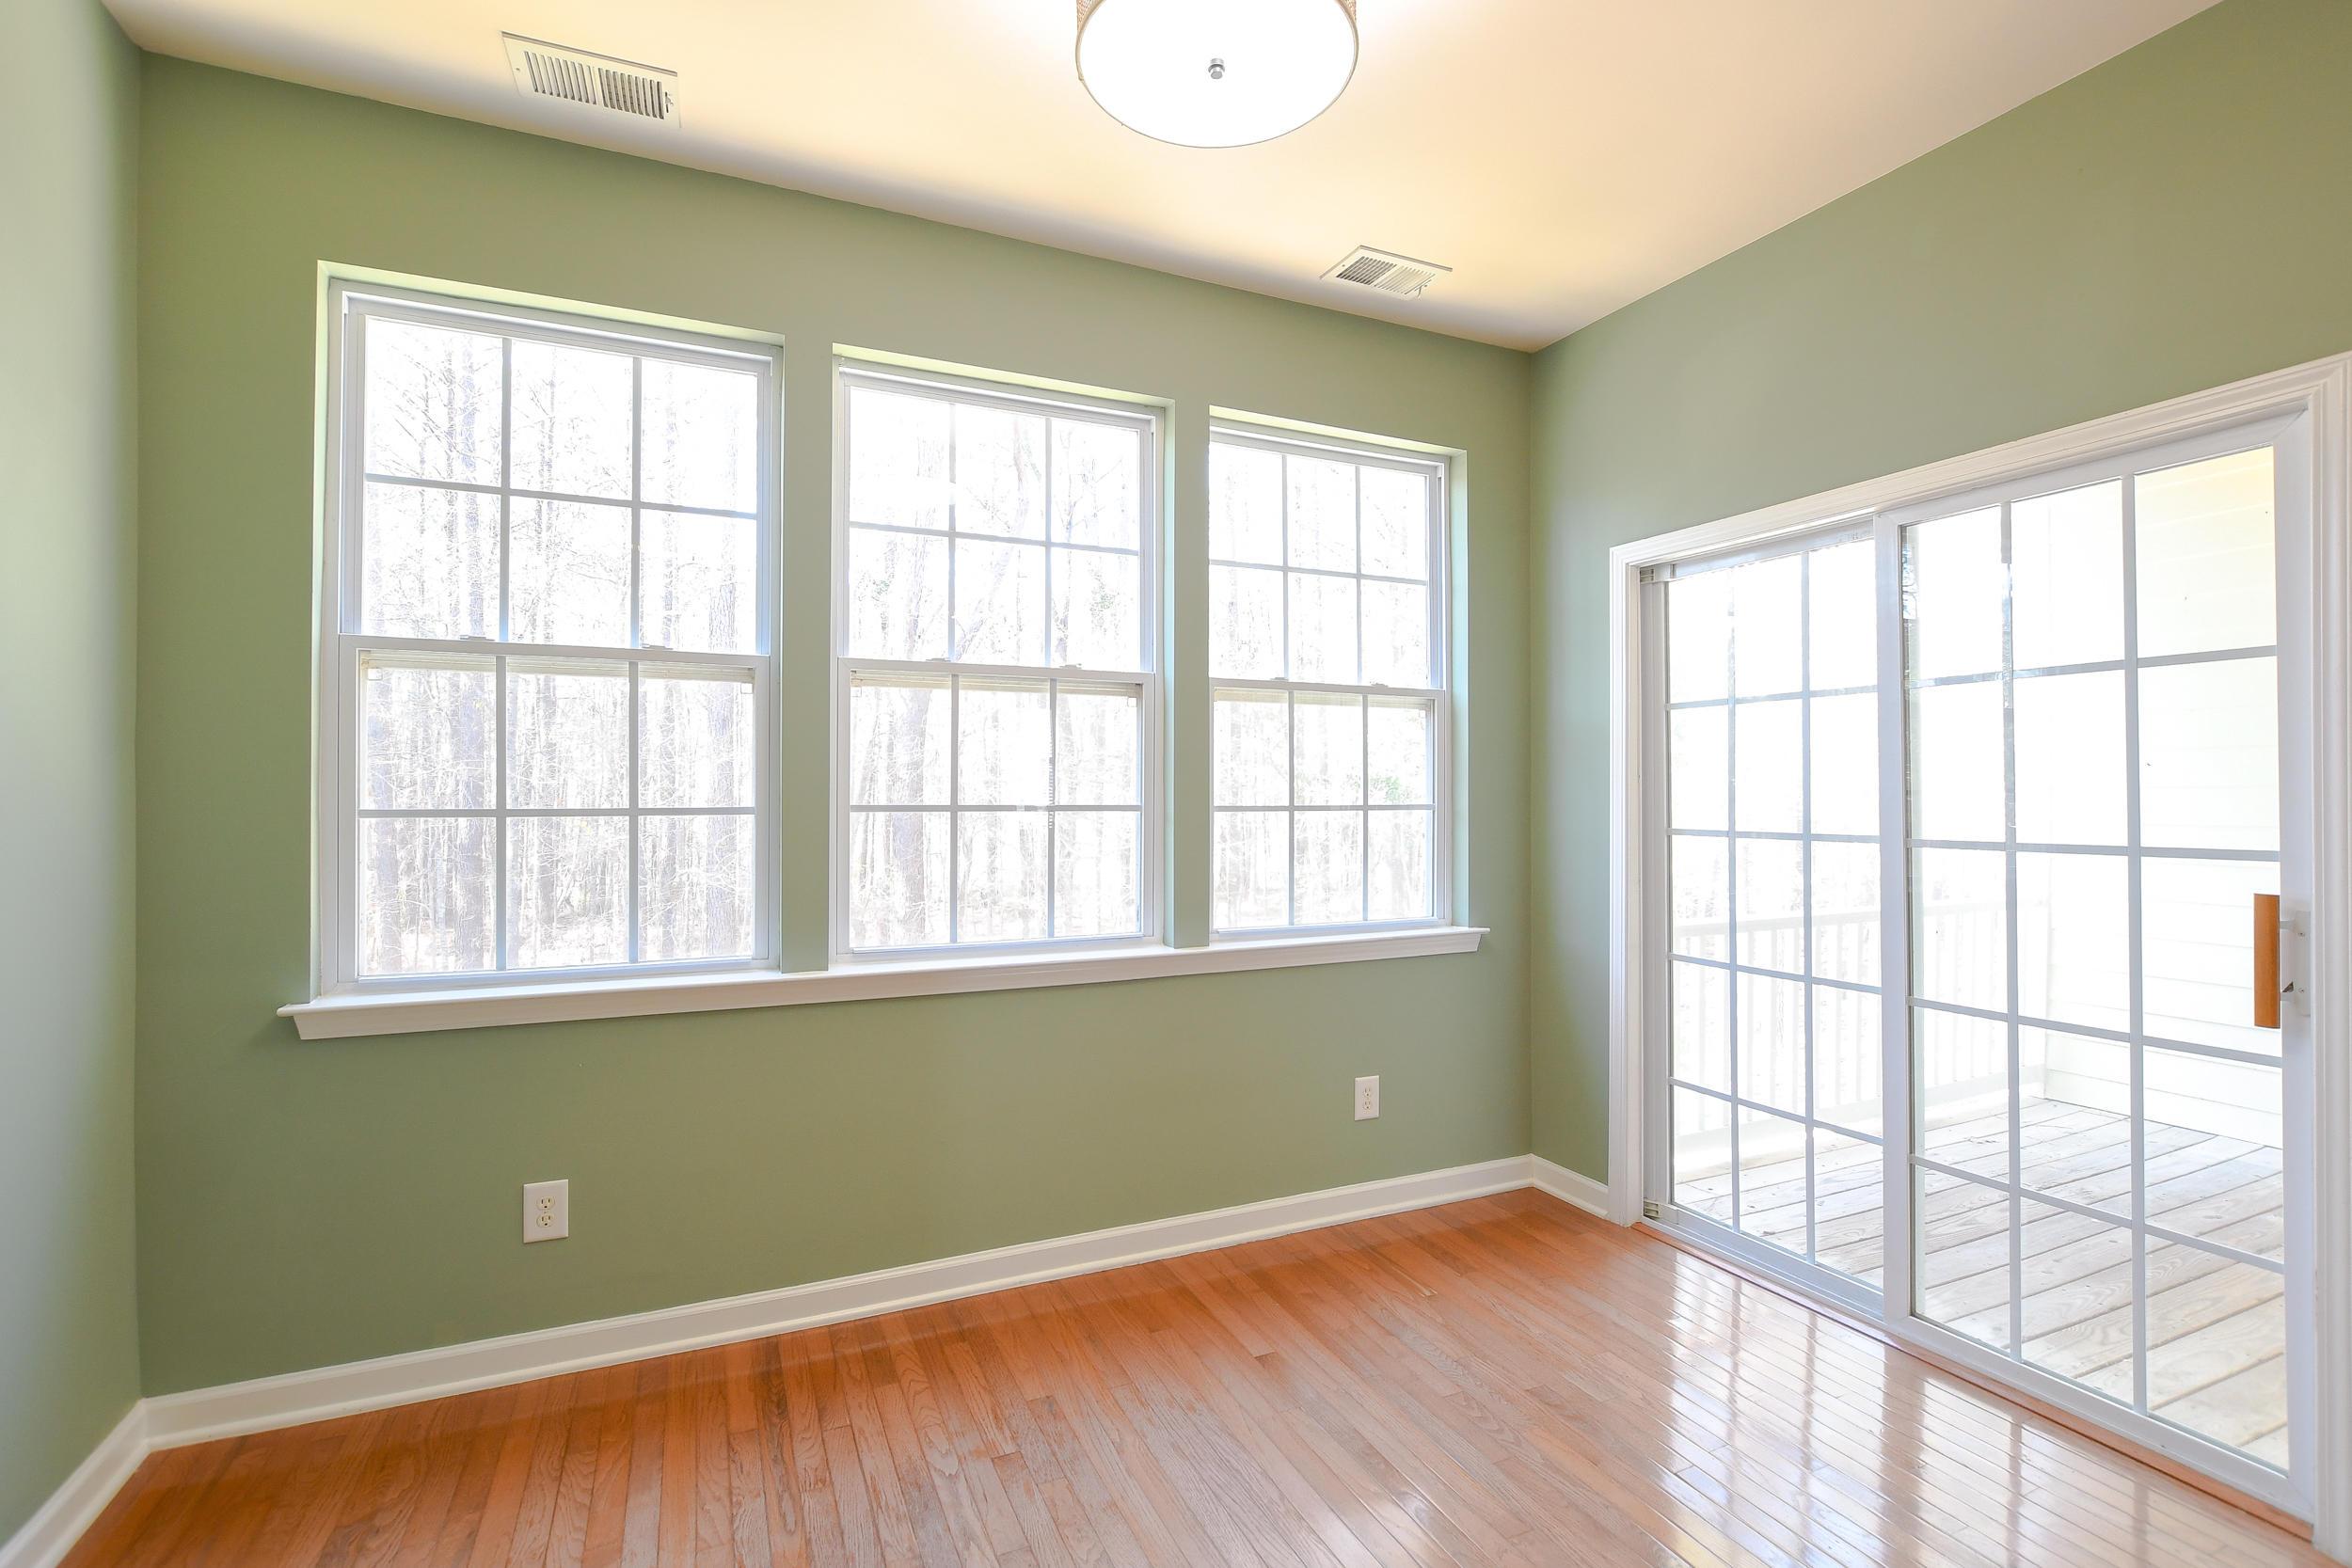 Park West Homes For Sale - 3545 Claremont, Mount Pleasant, SC - 46